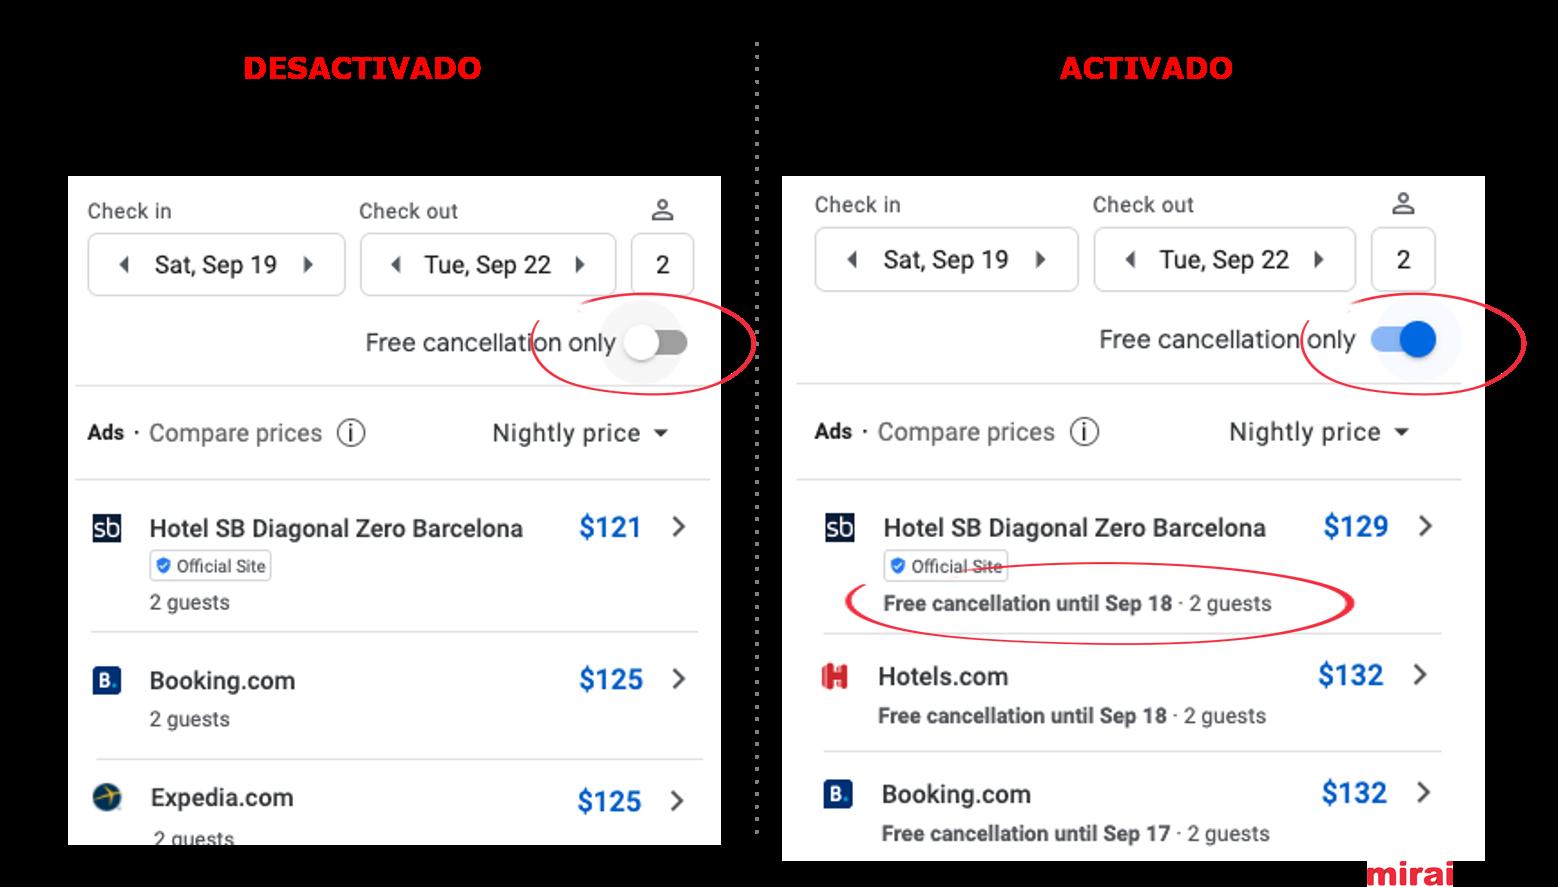 8. Filtro de cancelación gratuita en Google Hotel Ads - Mirai